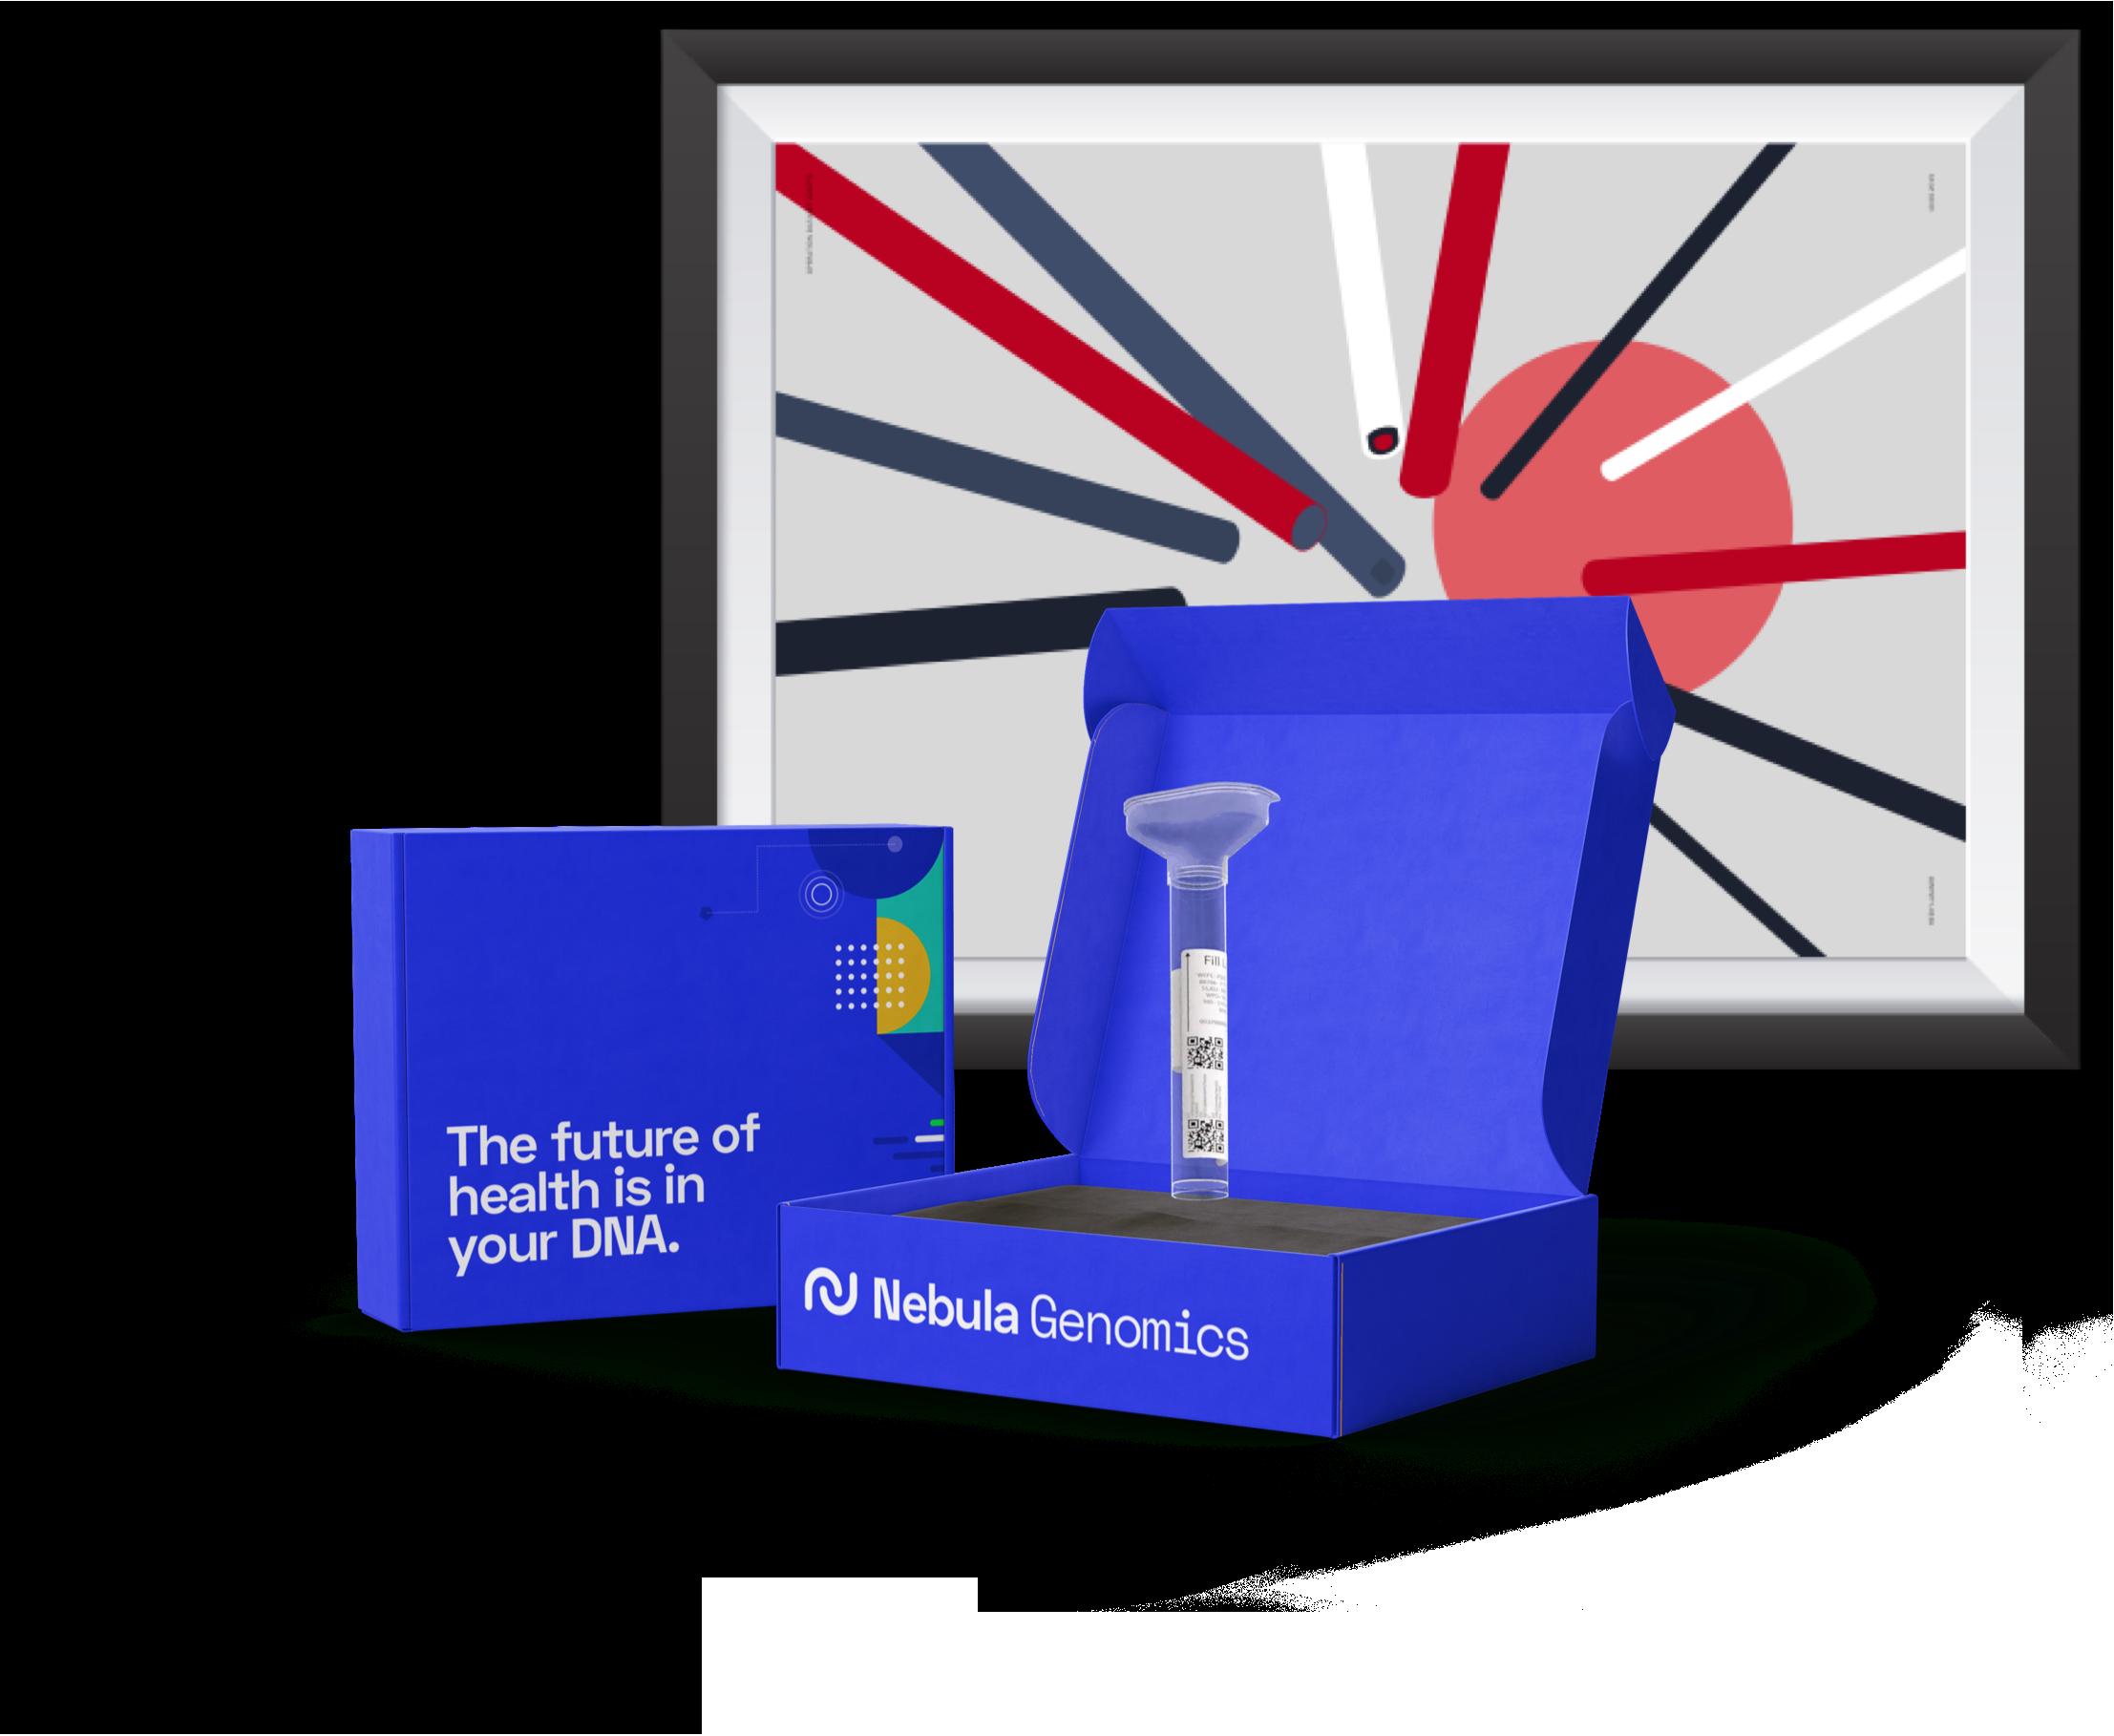 Product kit image